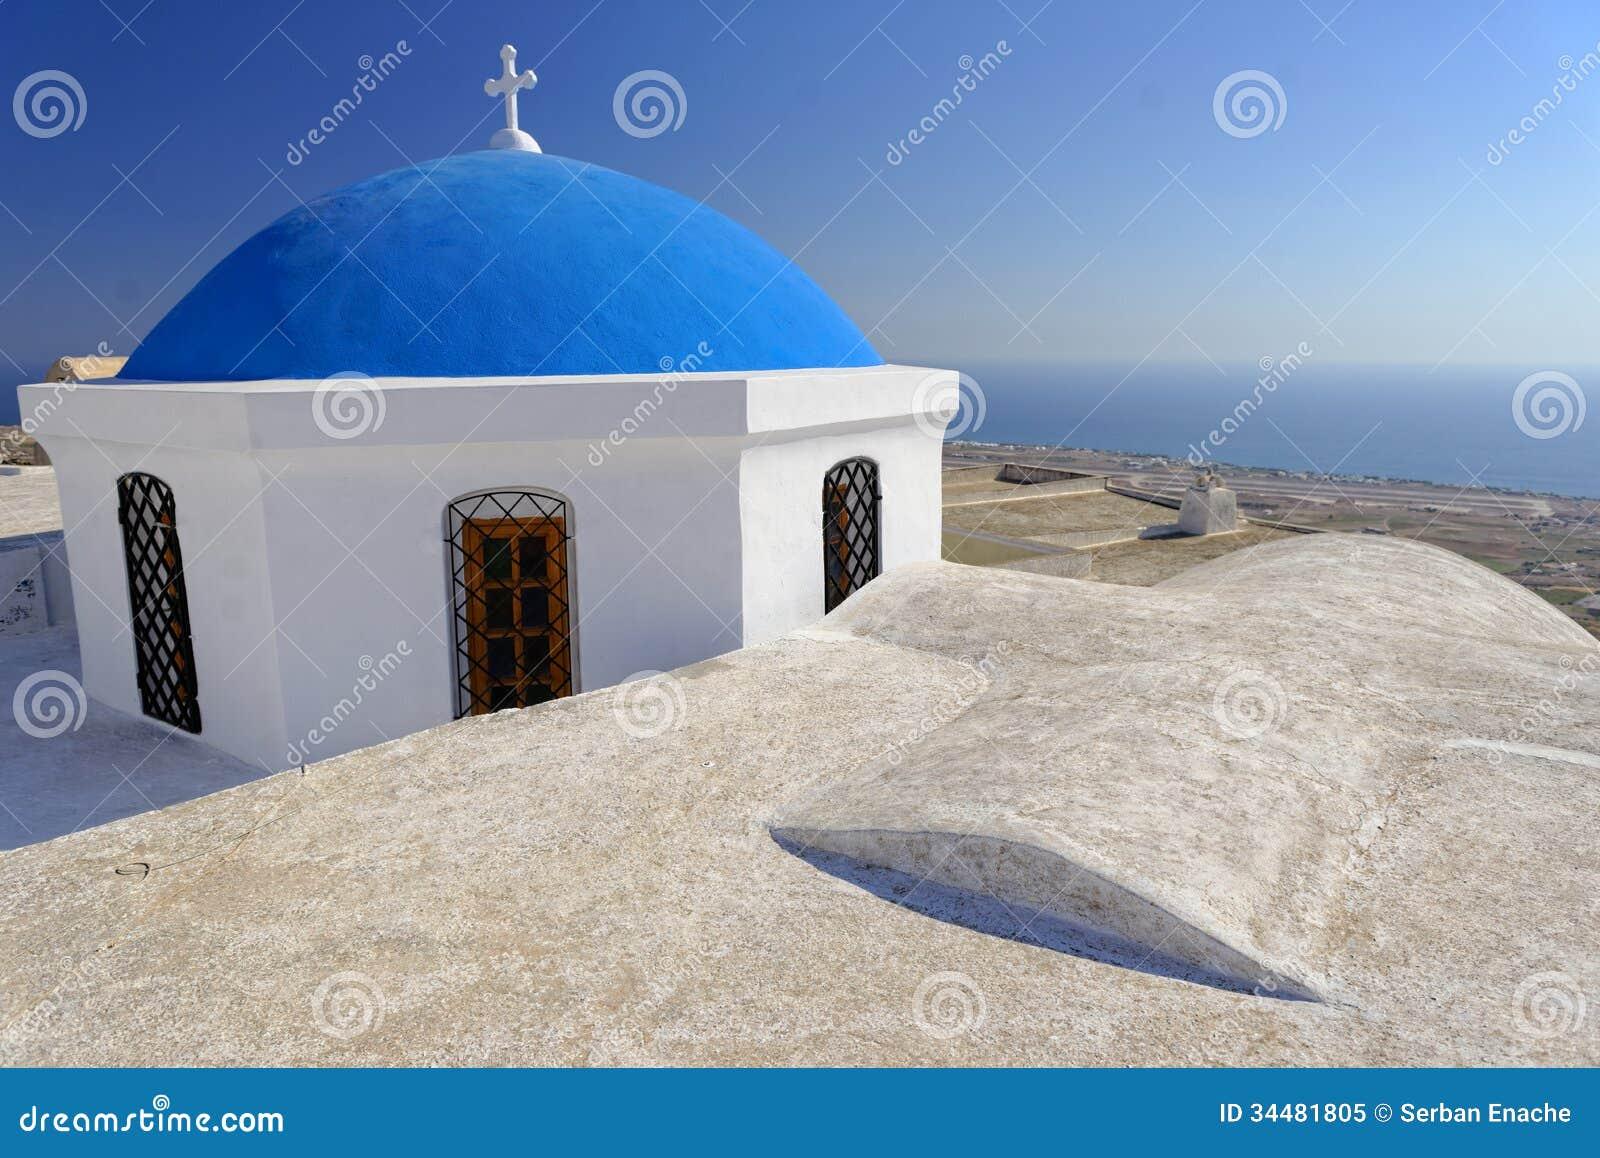 Церковь с голубым куполом